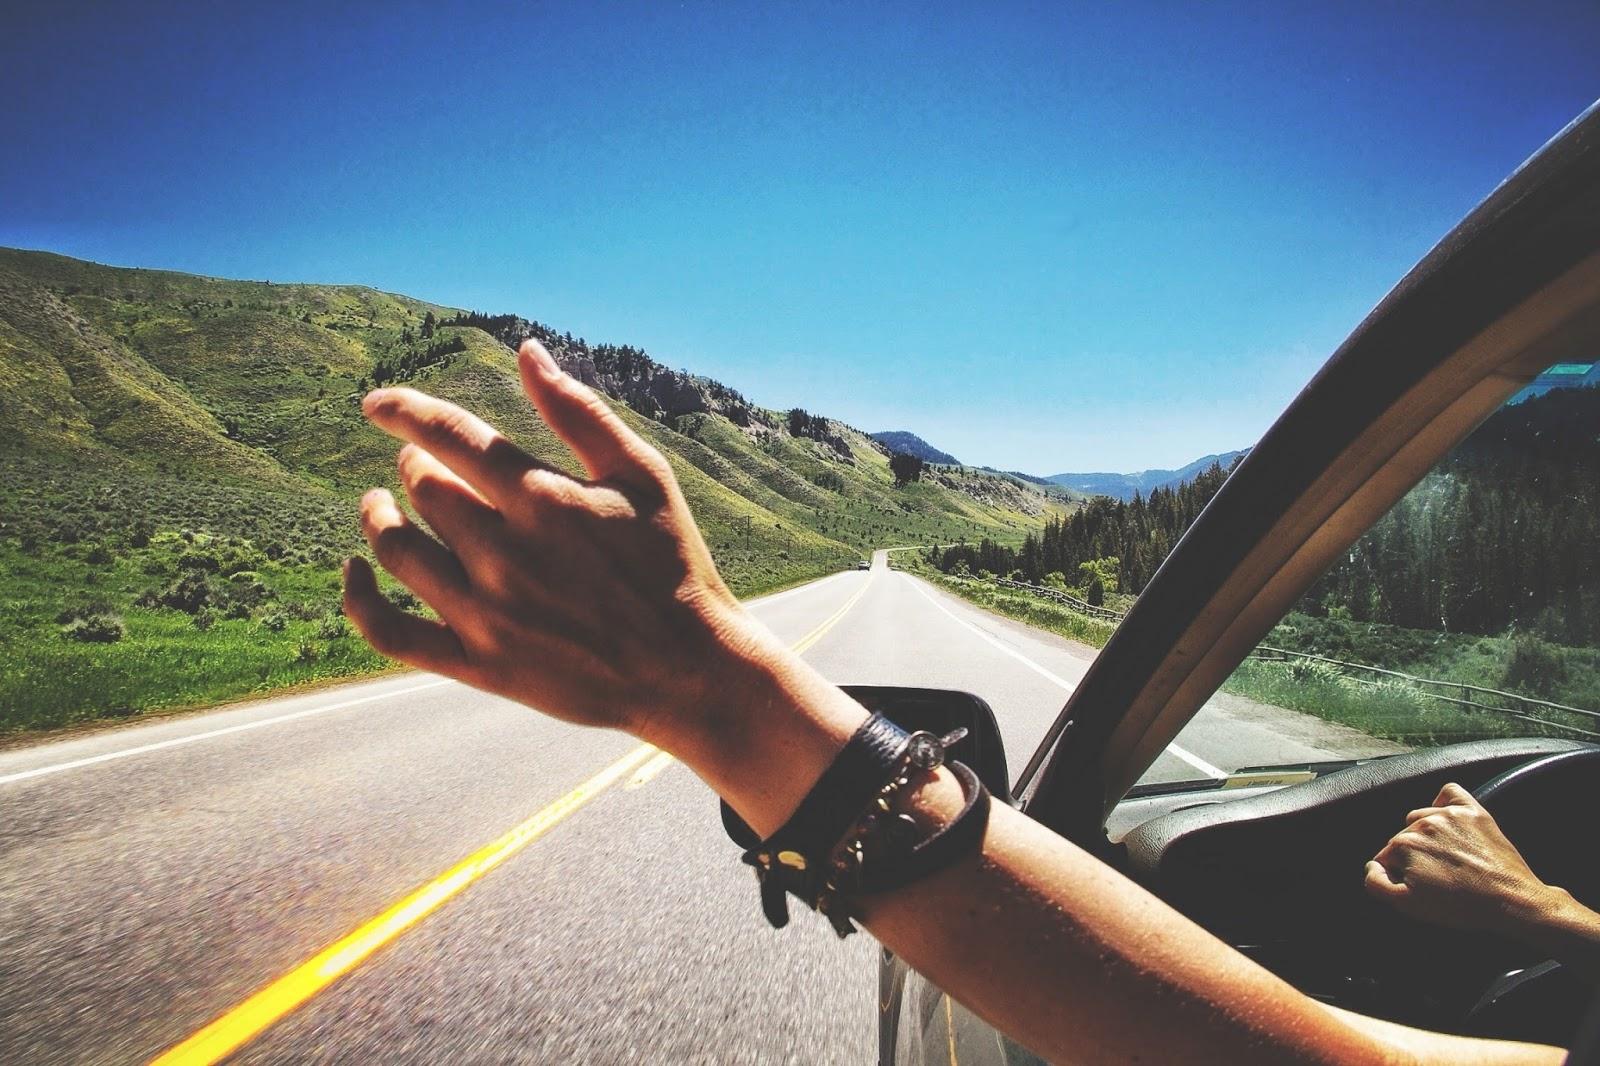 Pernah Merasa Perjalanan Pulang Lebih Cepat? Ini Penjelasan Ilmiahnya!